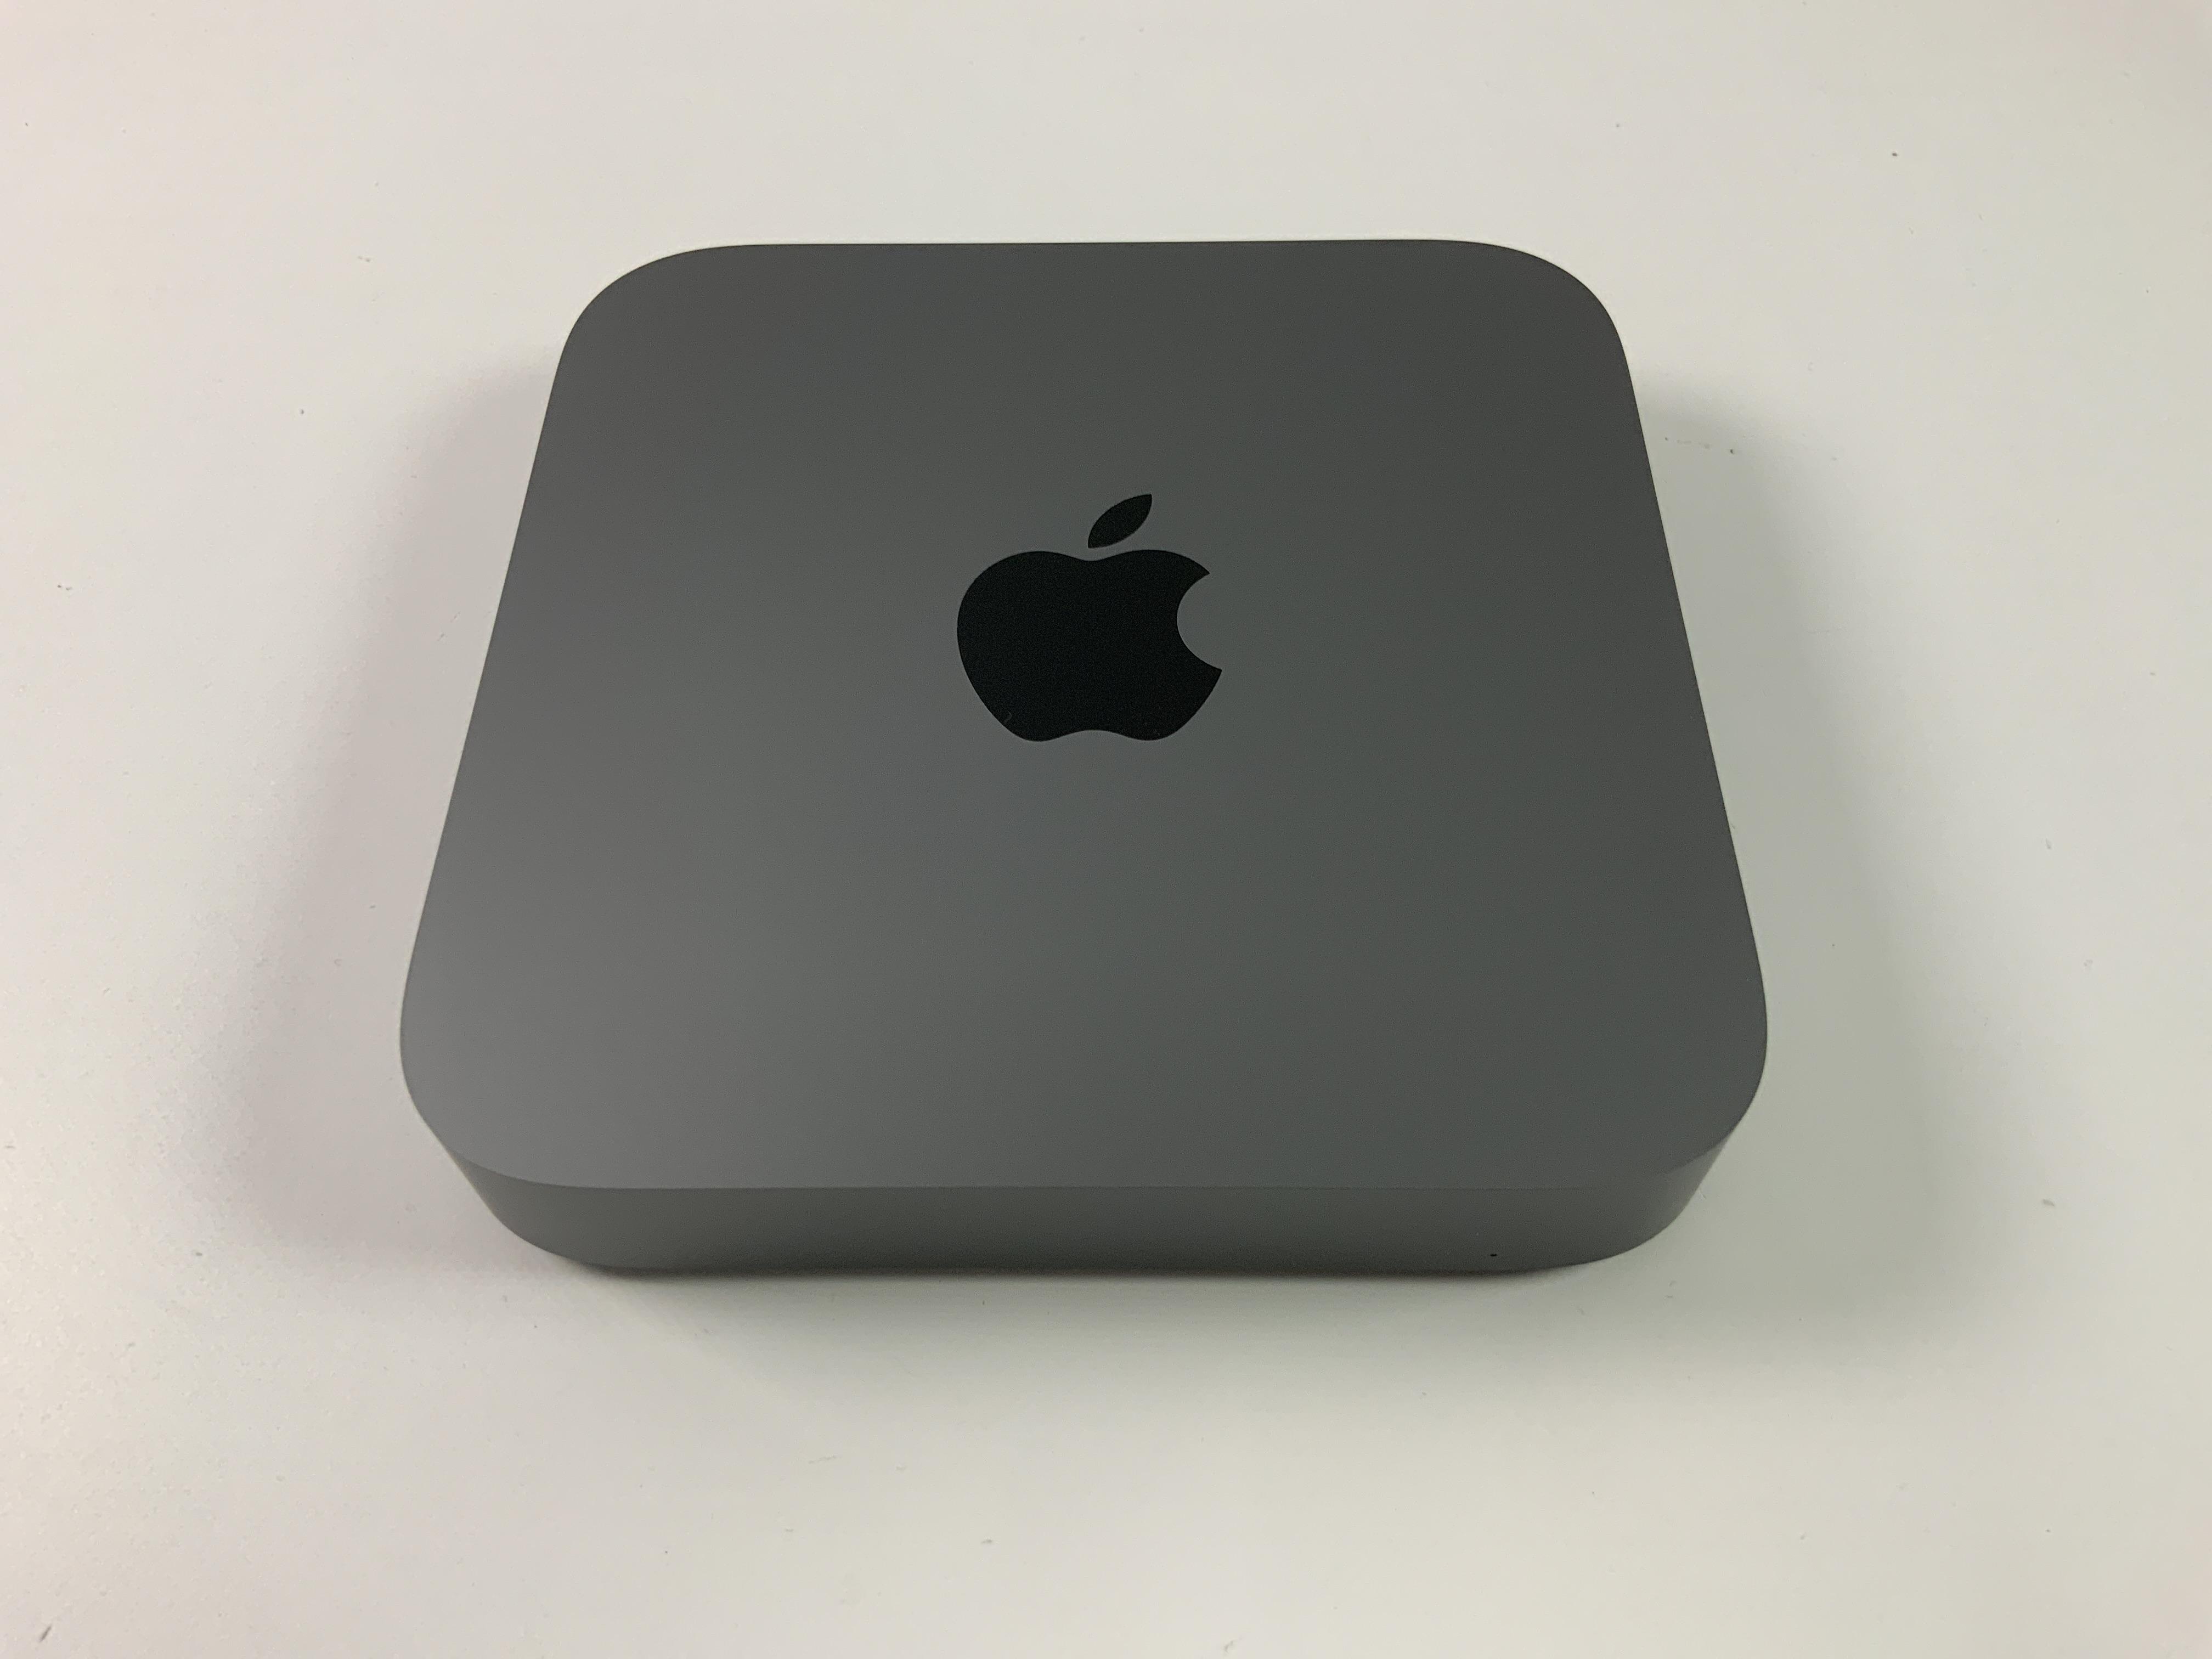 Mac Mini Late 2018 (Intel 6-Core i5 3.0 GHz 8 GB RAM 512 GB SSD), Intel 6-Core i5 3.0 GHz, 8 GB RAM, 512 GB SSD, imagen 1